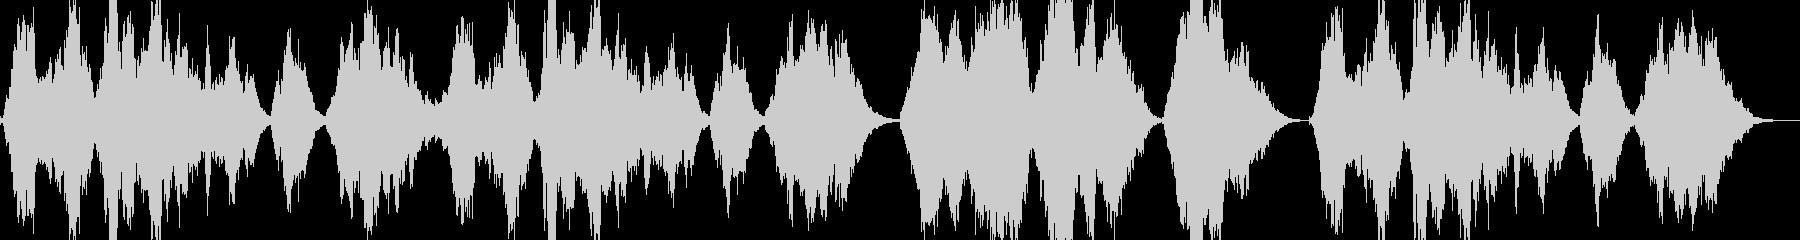 終幕の未再生の波形